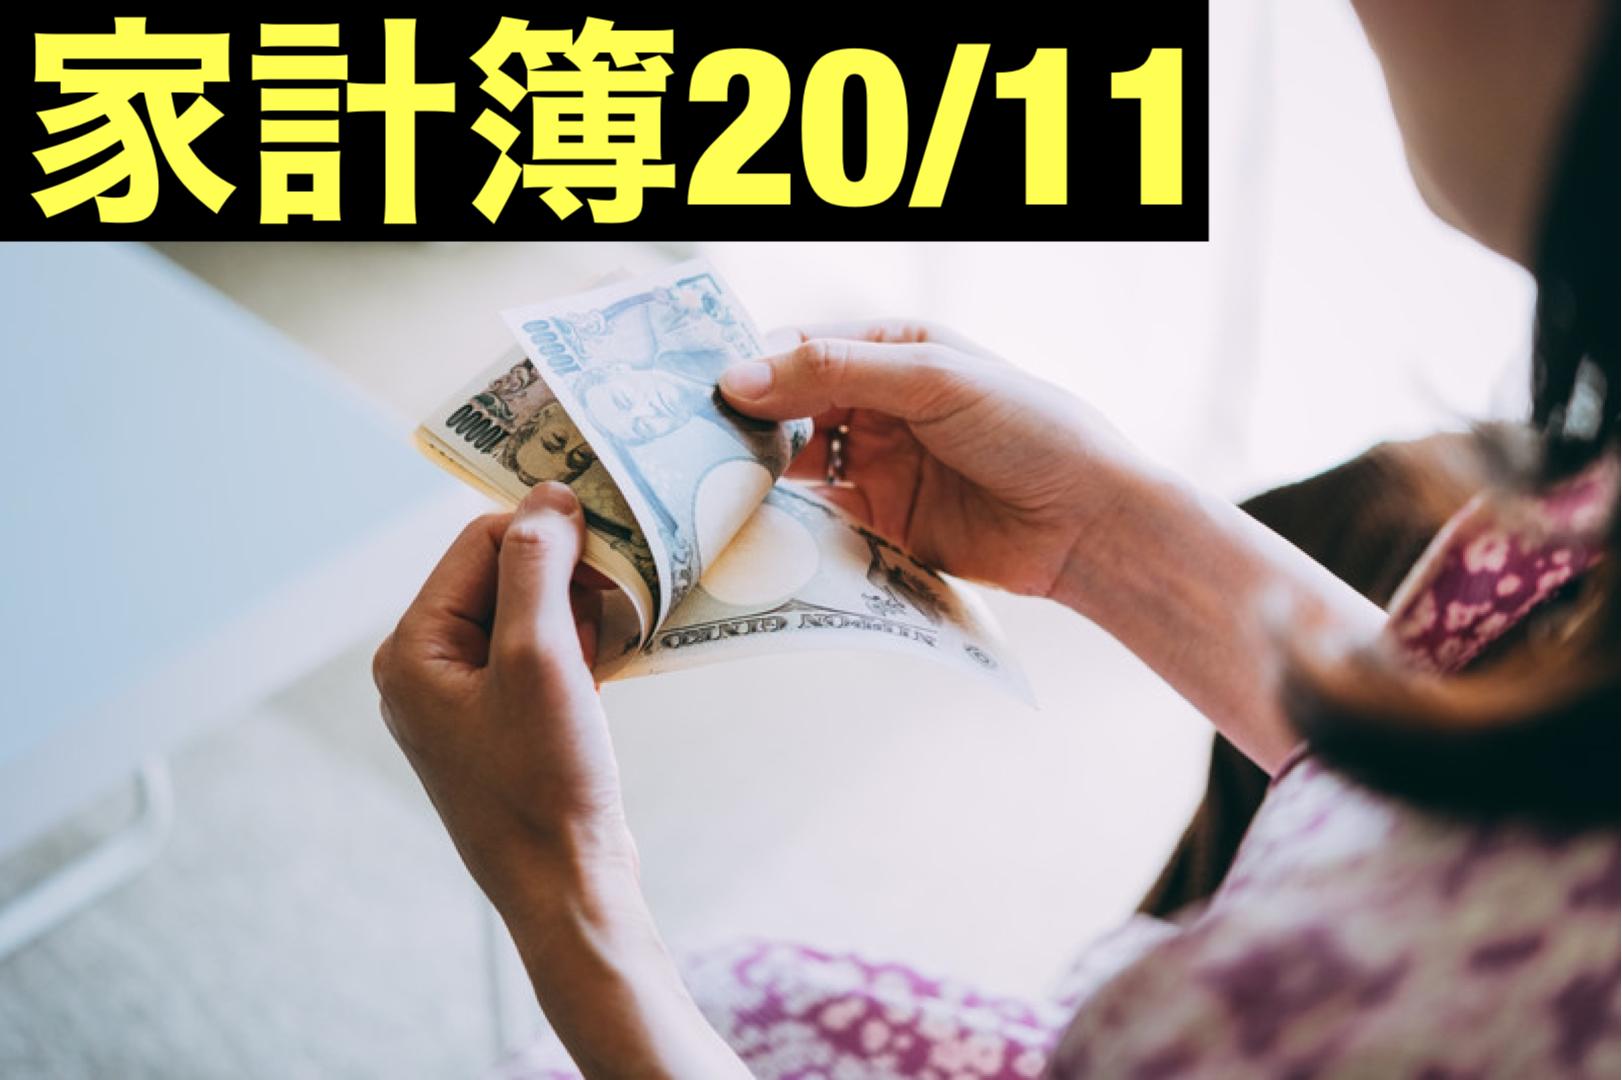 【30代】家計簿公開・20年11月【1人暮らし】